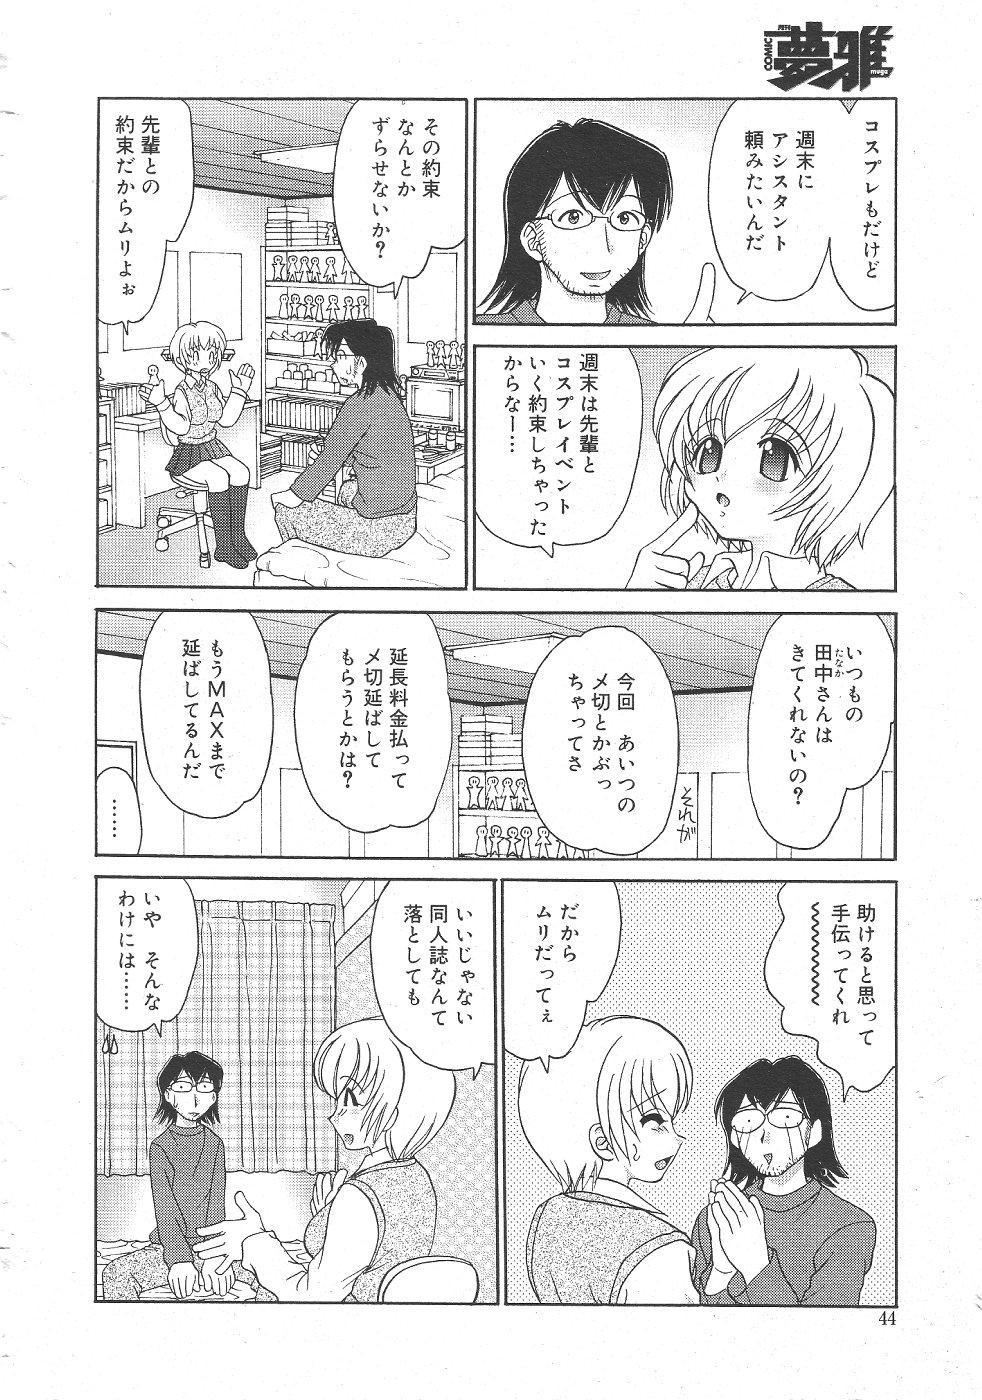 Gekkan Comic Muga 2004-06 Vol.10 47